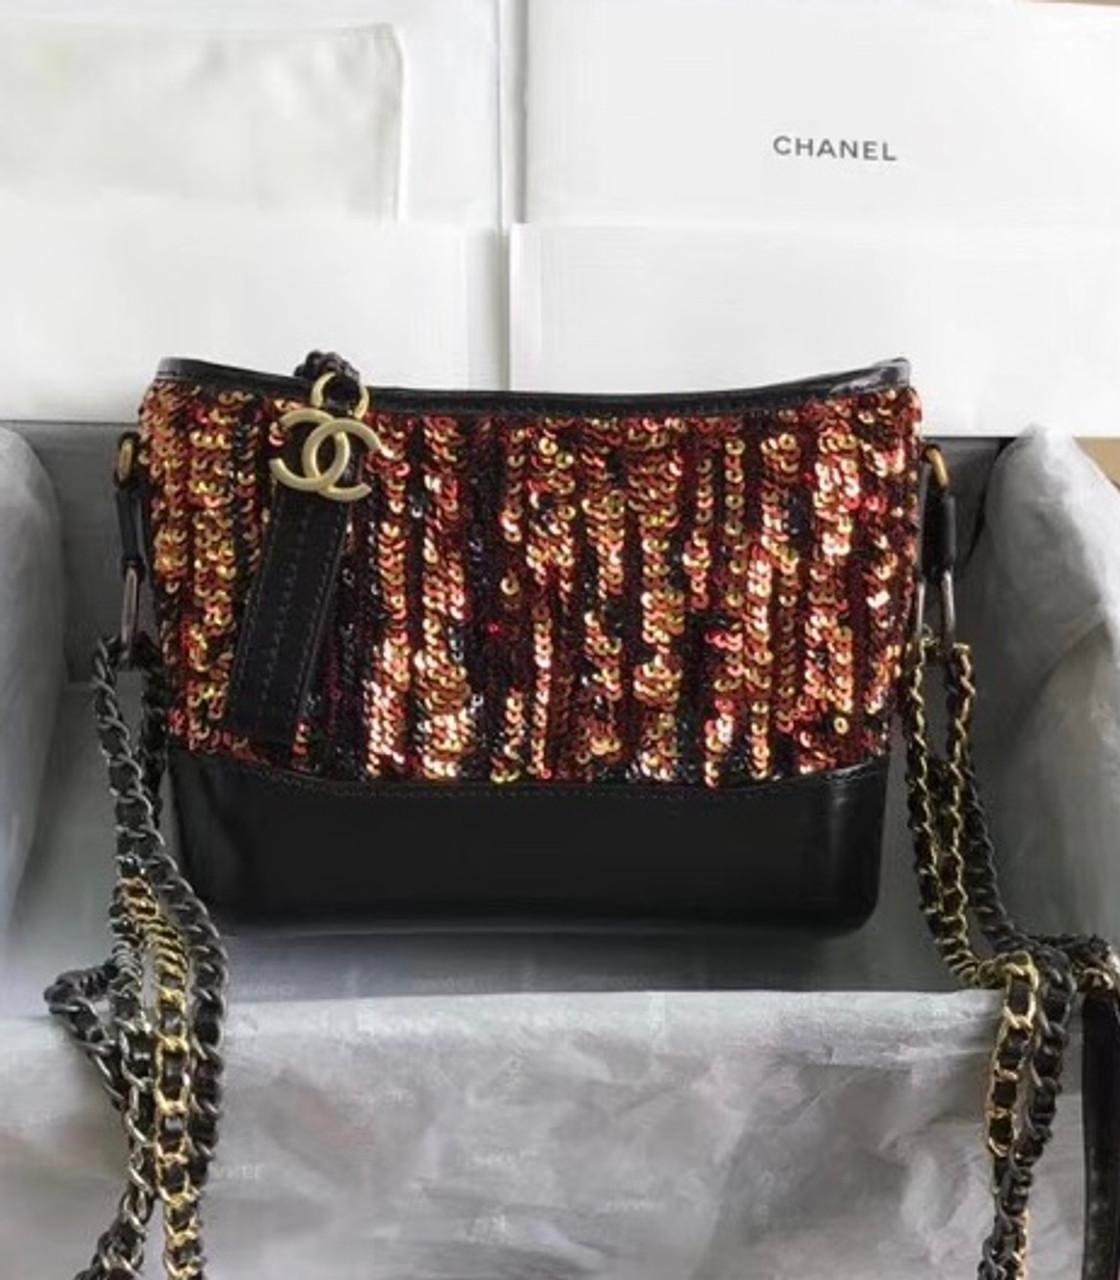 6e154ef5e9e265 Chanel's Gabrielle Small Orange Sequins Hobo Bag A91810 - Bella Vita ...